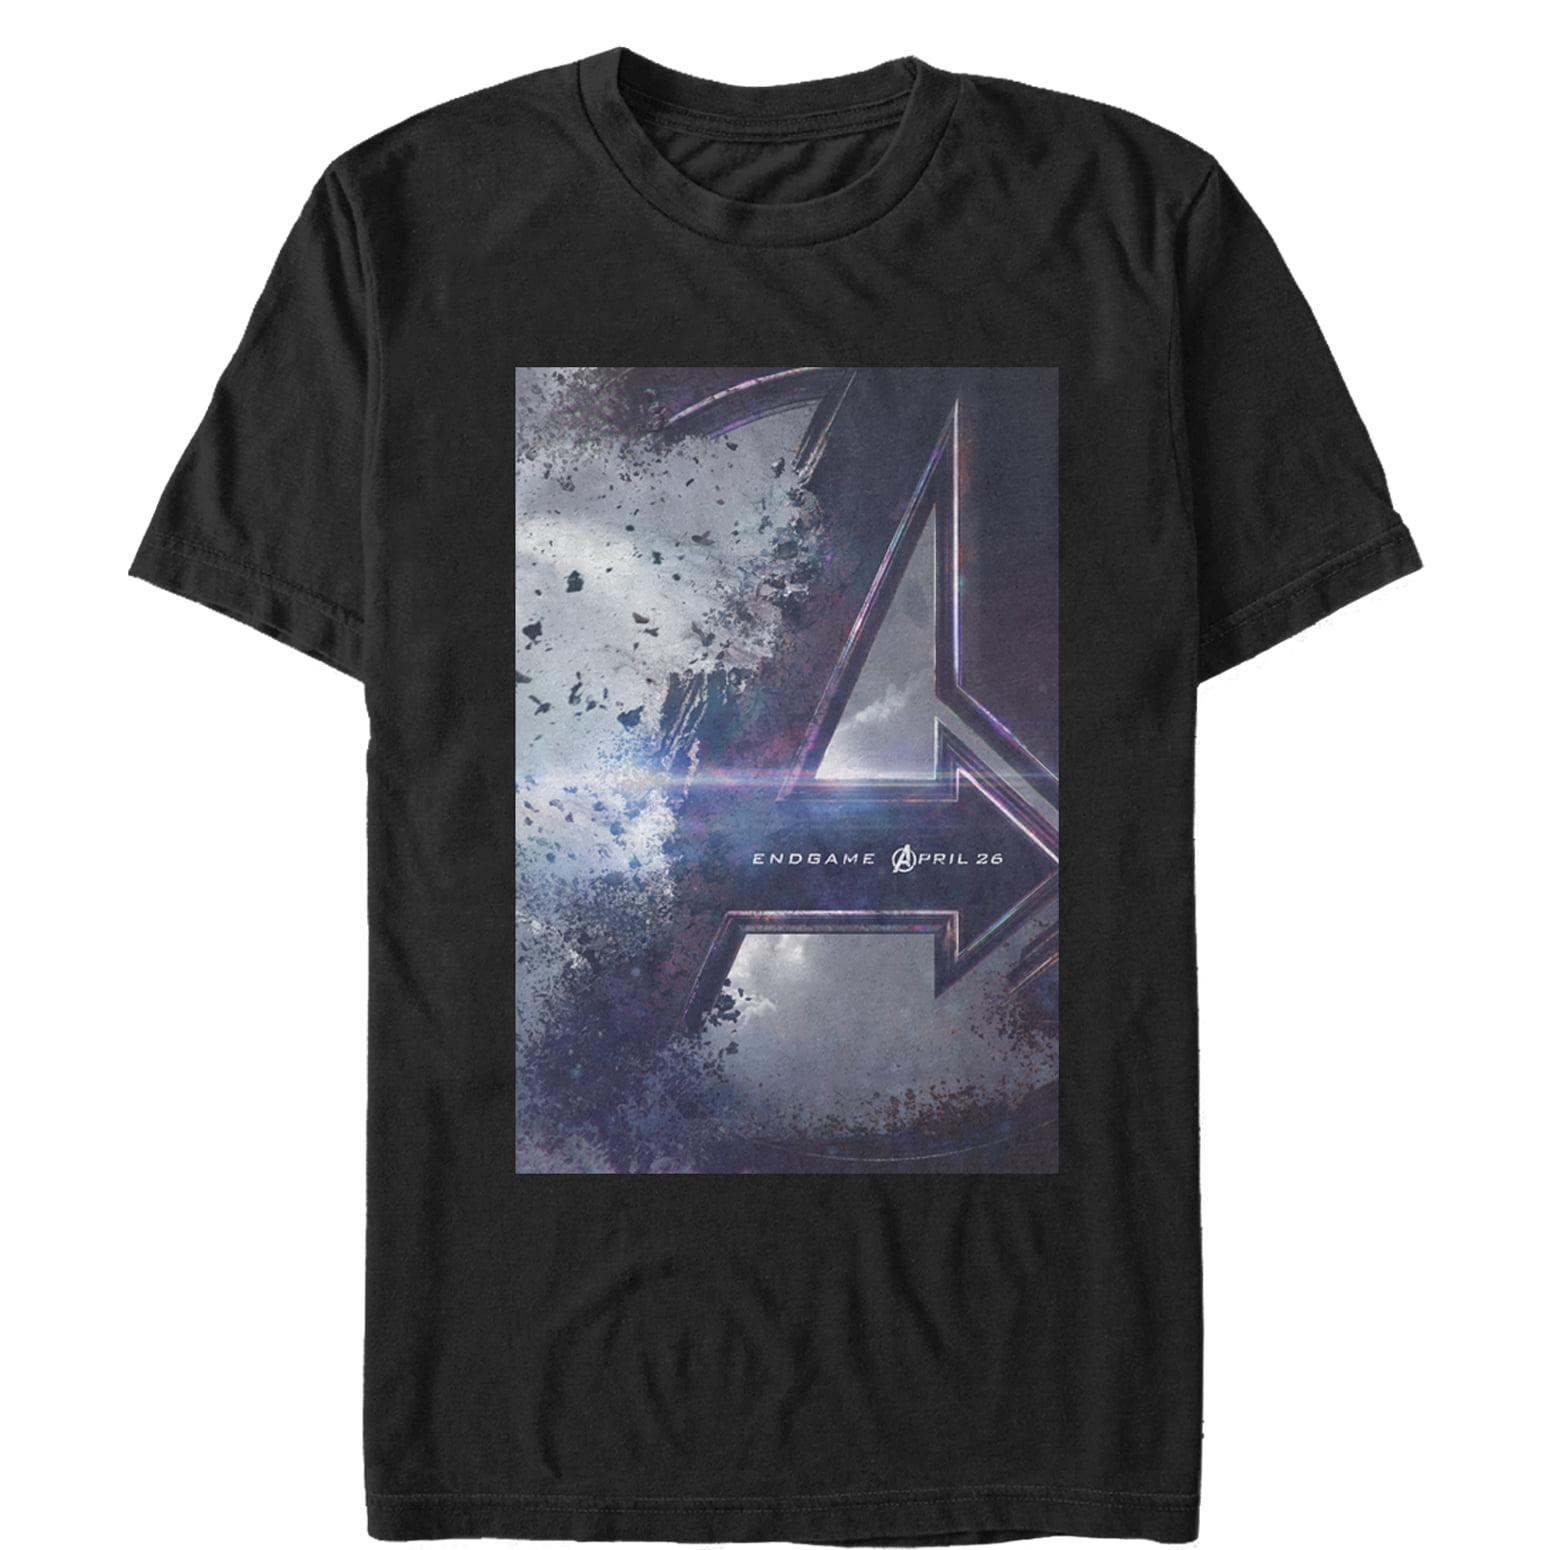 Marvel Men's Avengers: Endgame Movie Poster T-Shirt